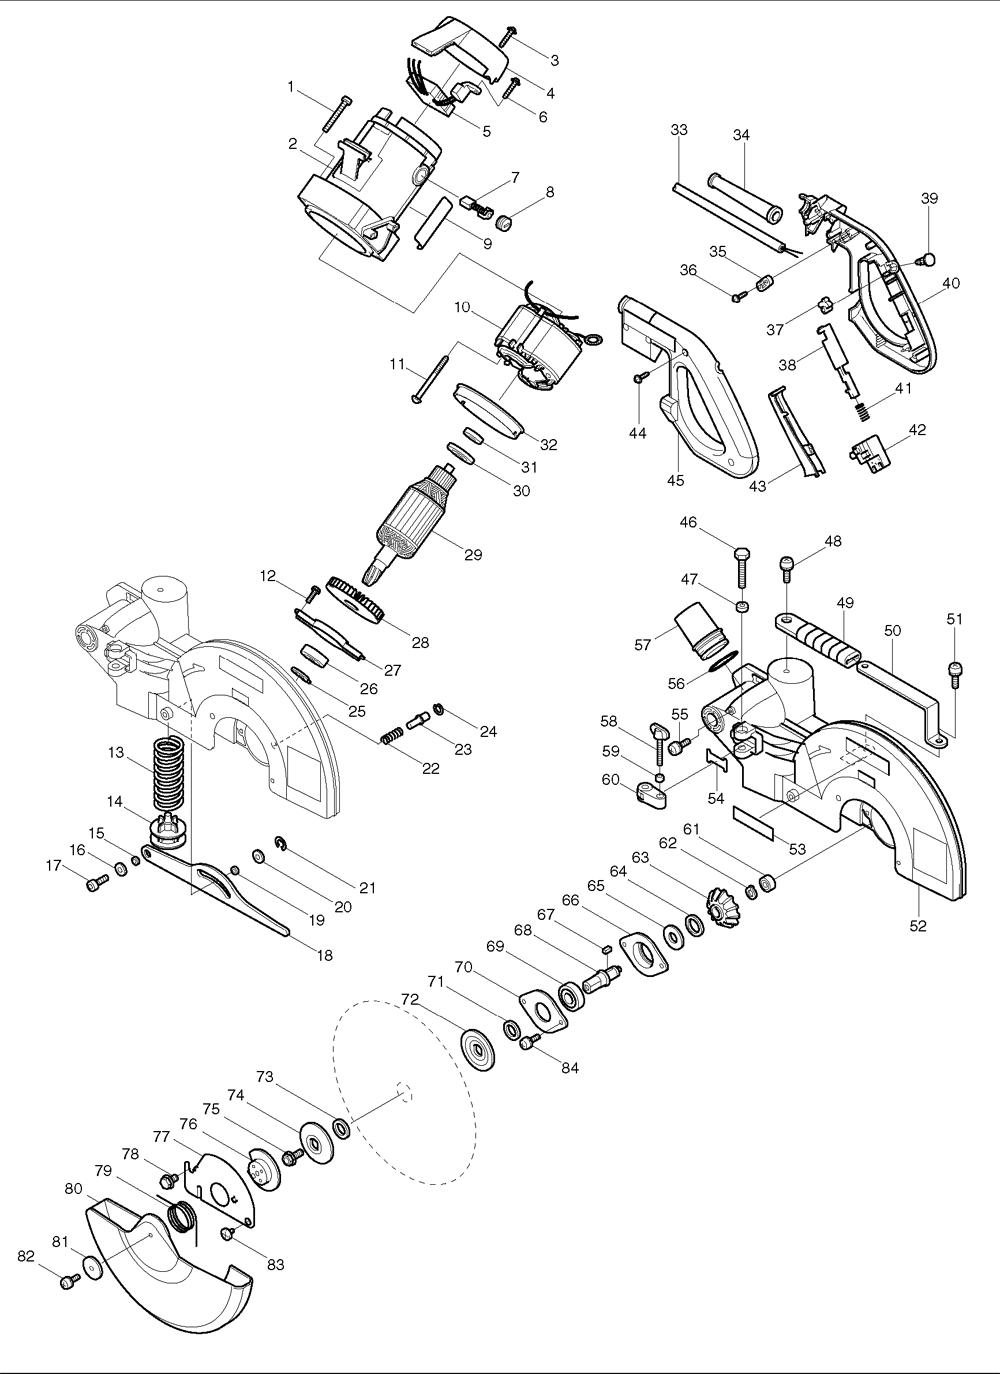 makita miter saw switch wiring diagram